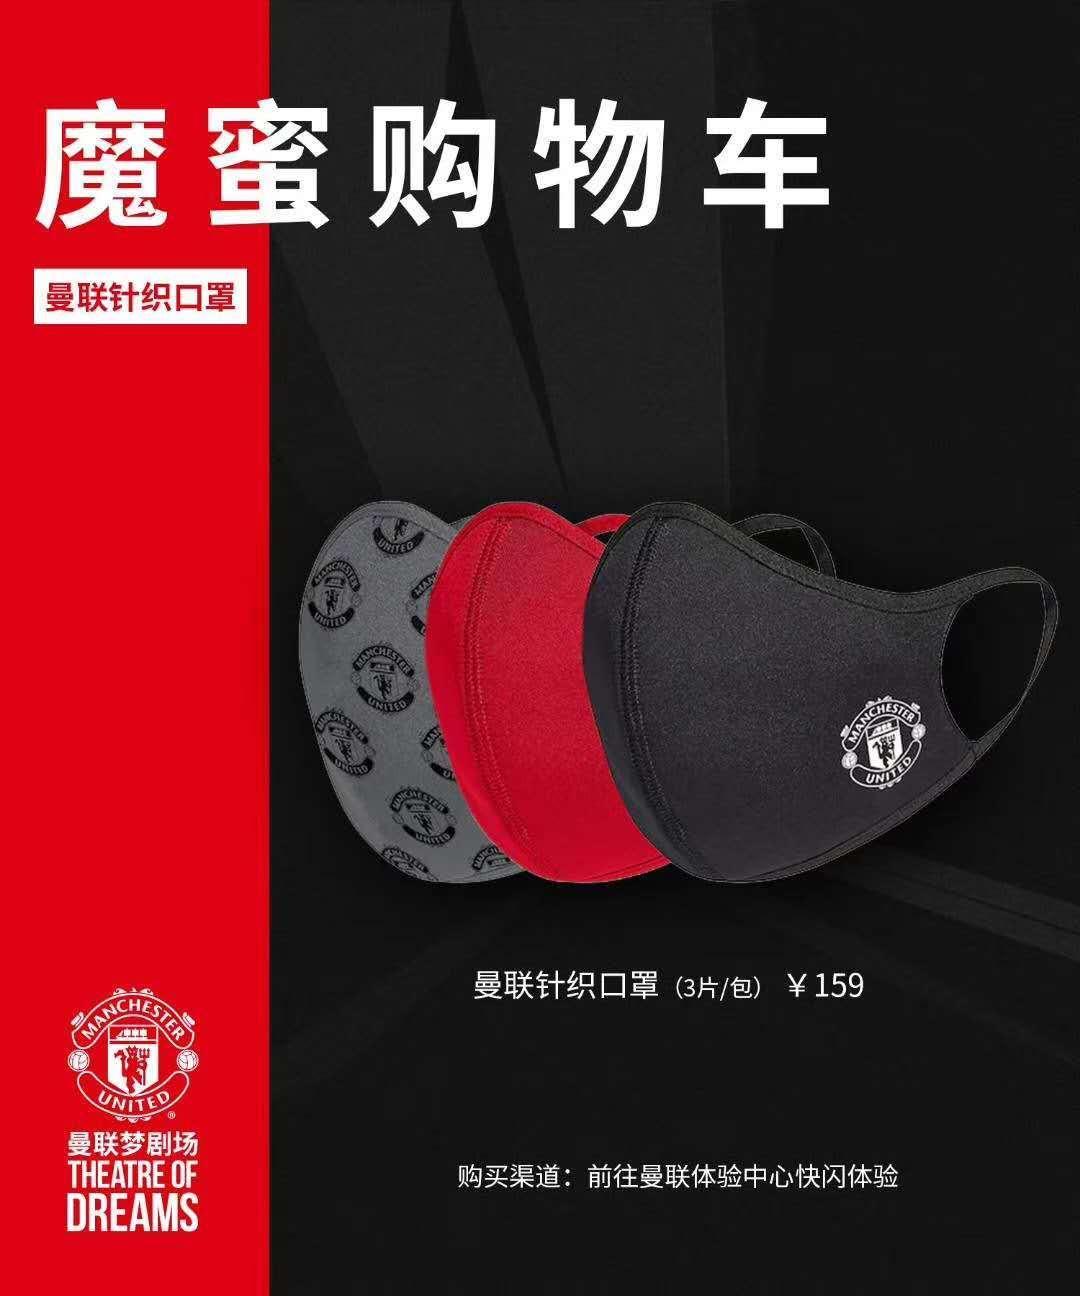 可能是最实用的明星同款-瑞典Airinum睿铂口罩